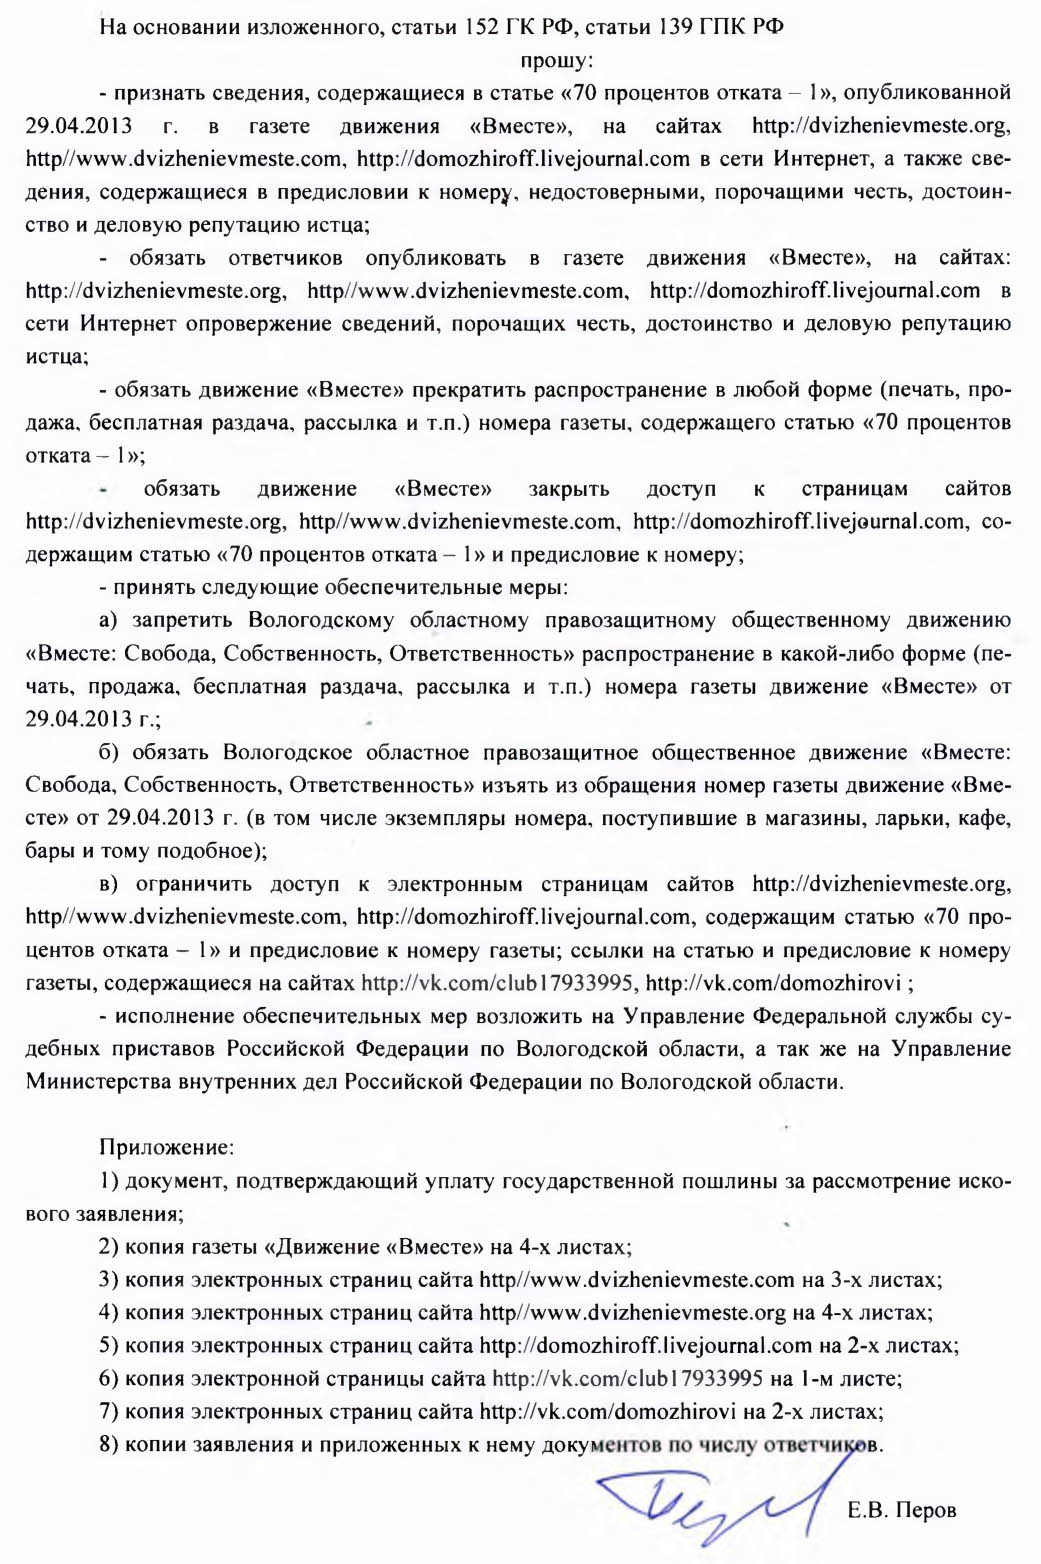 исковое Перова-3